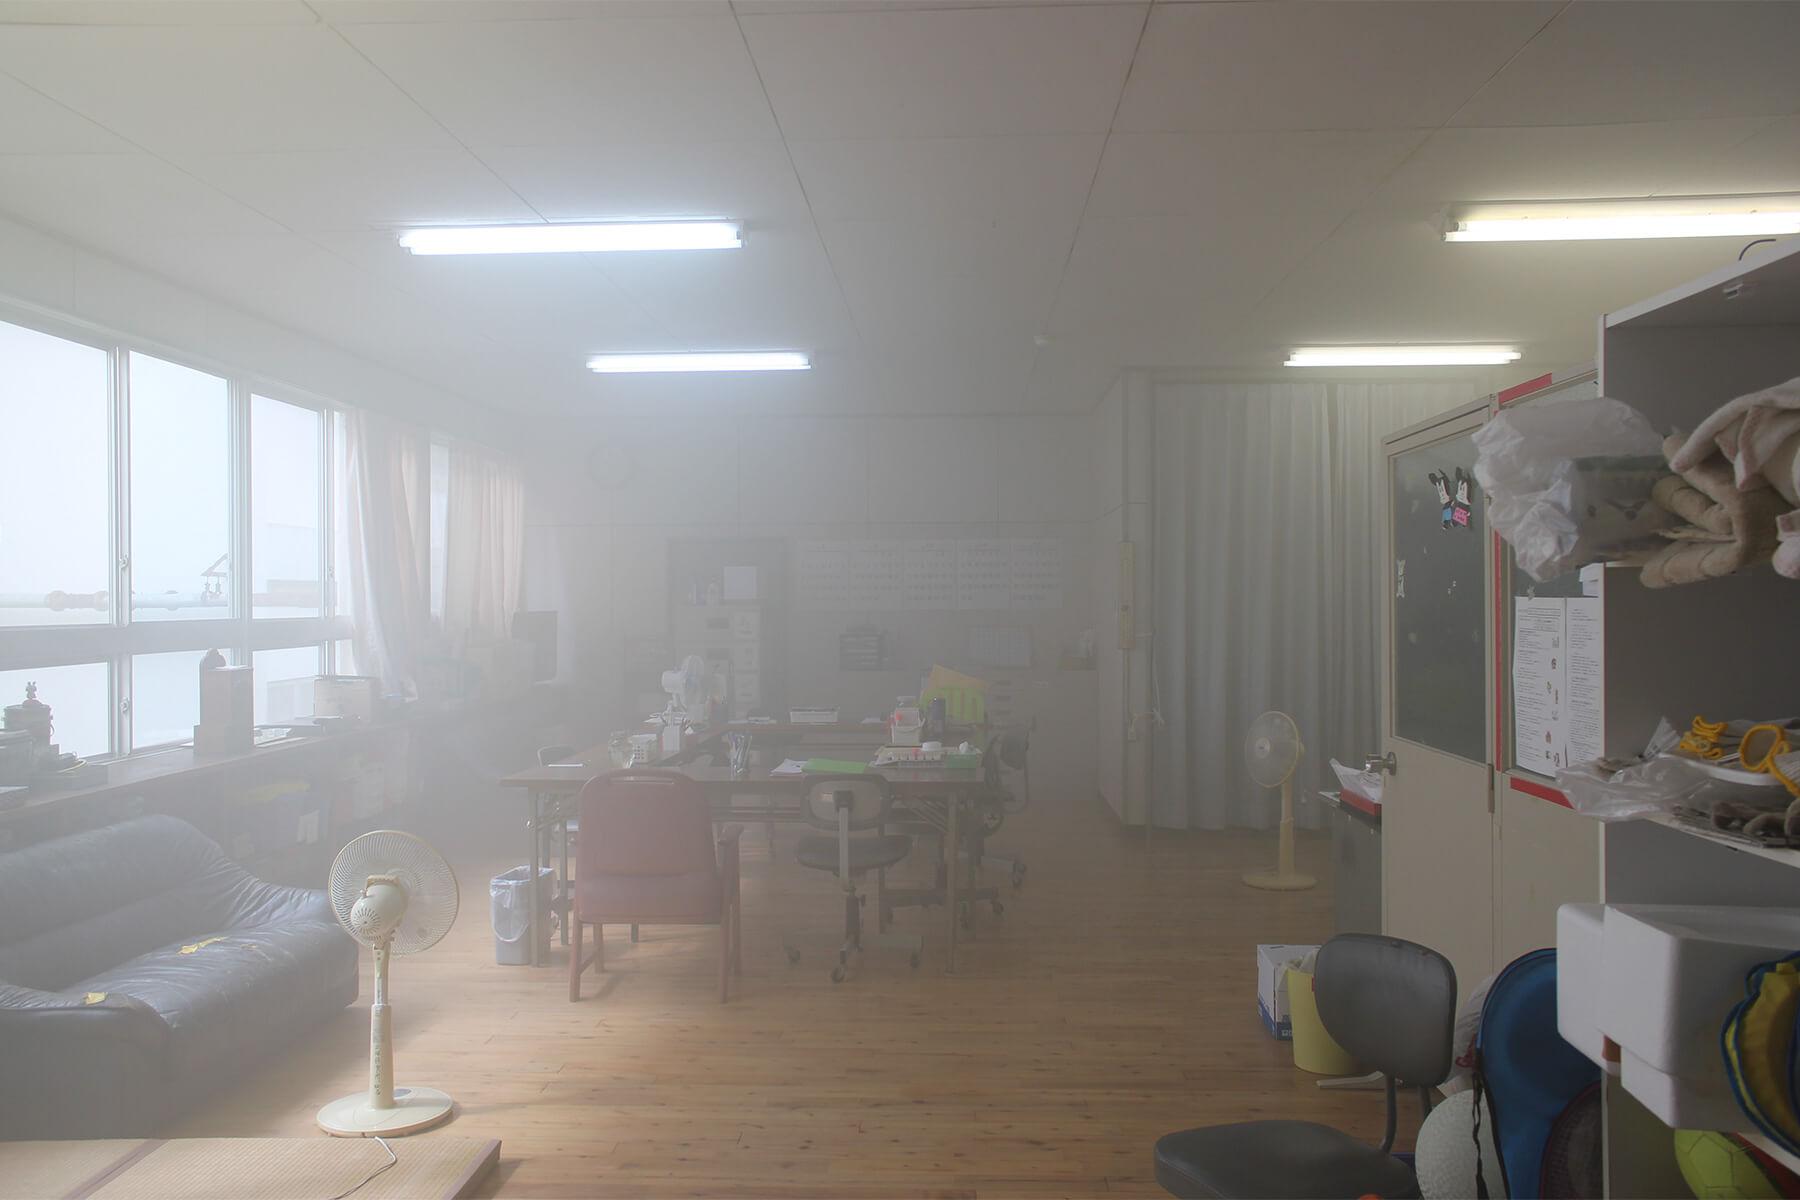 ト(霧)が室内に散布している様子